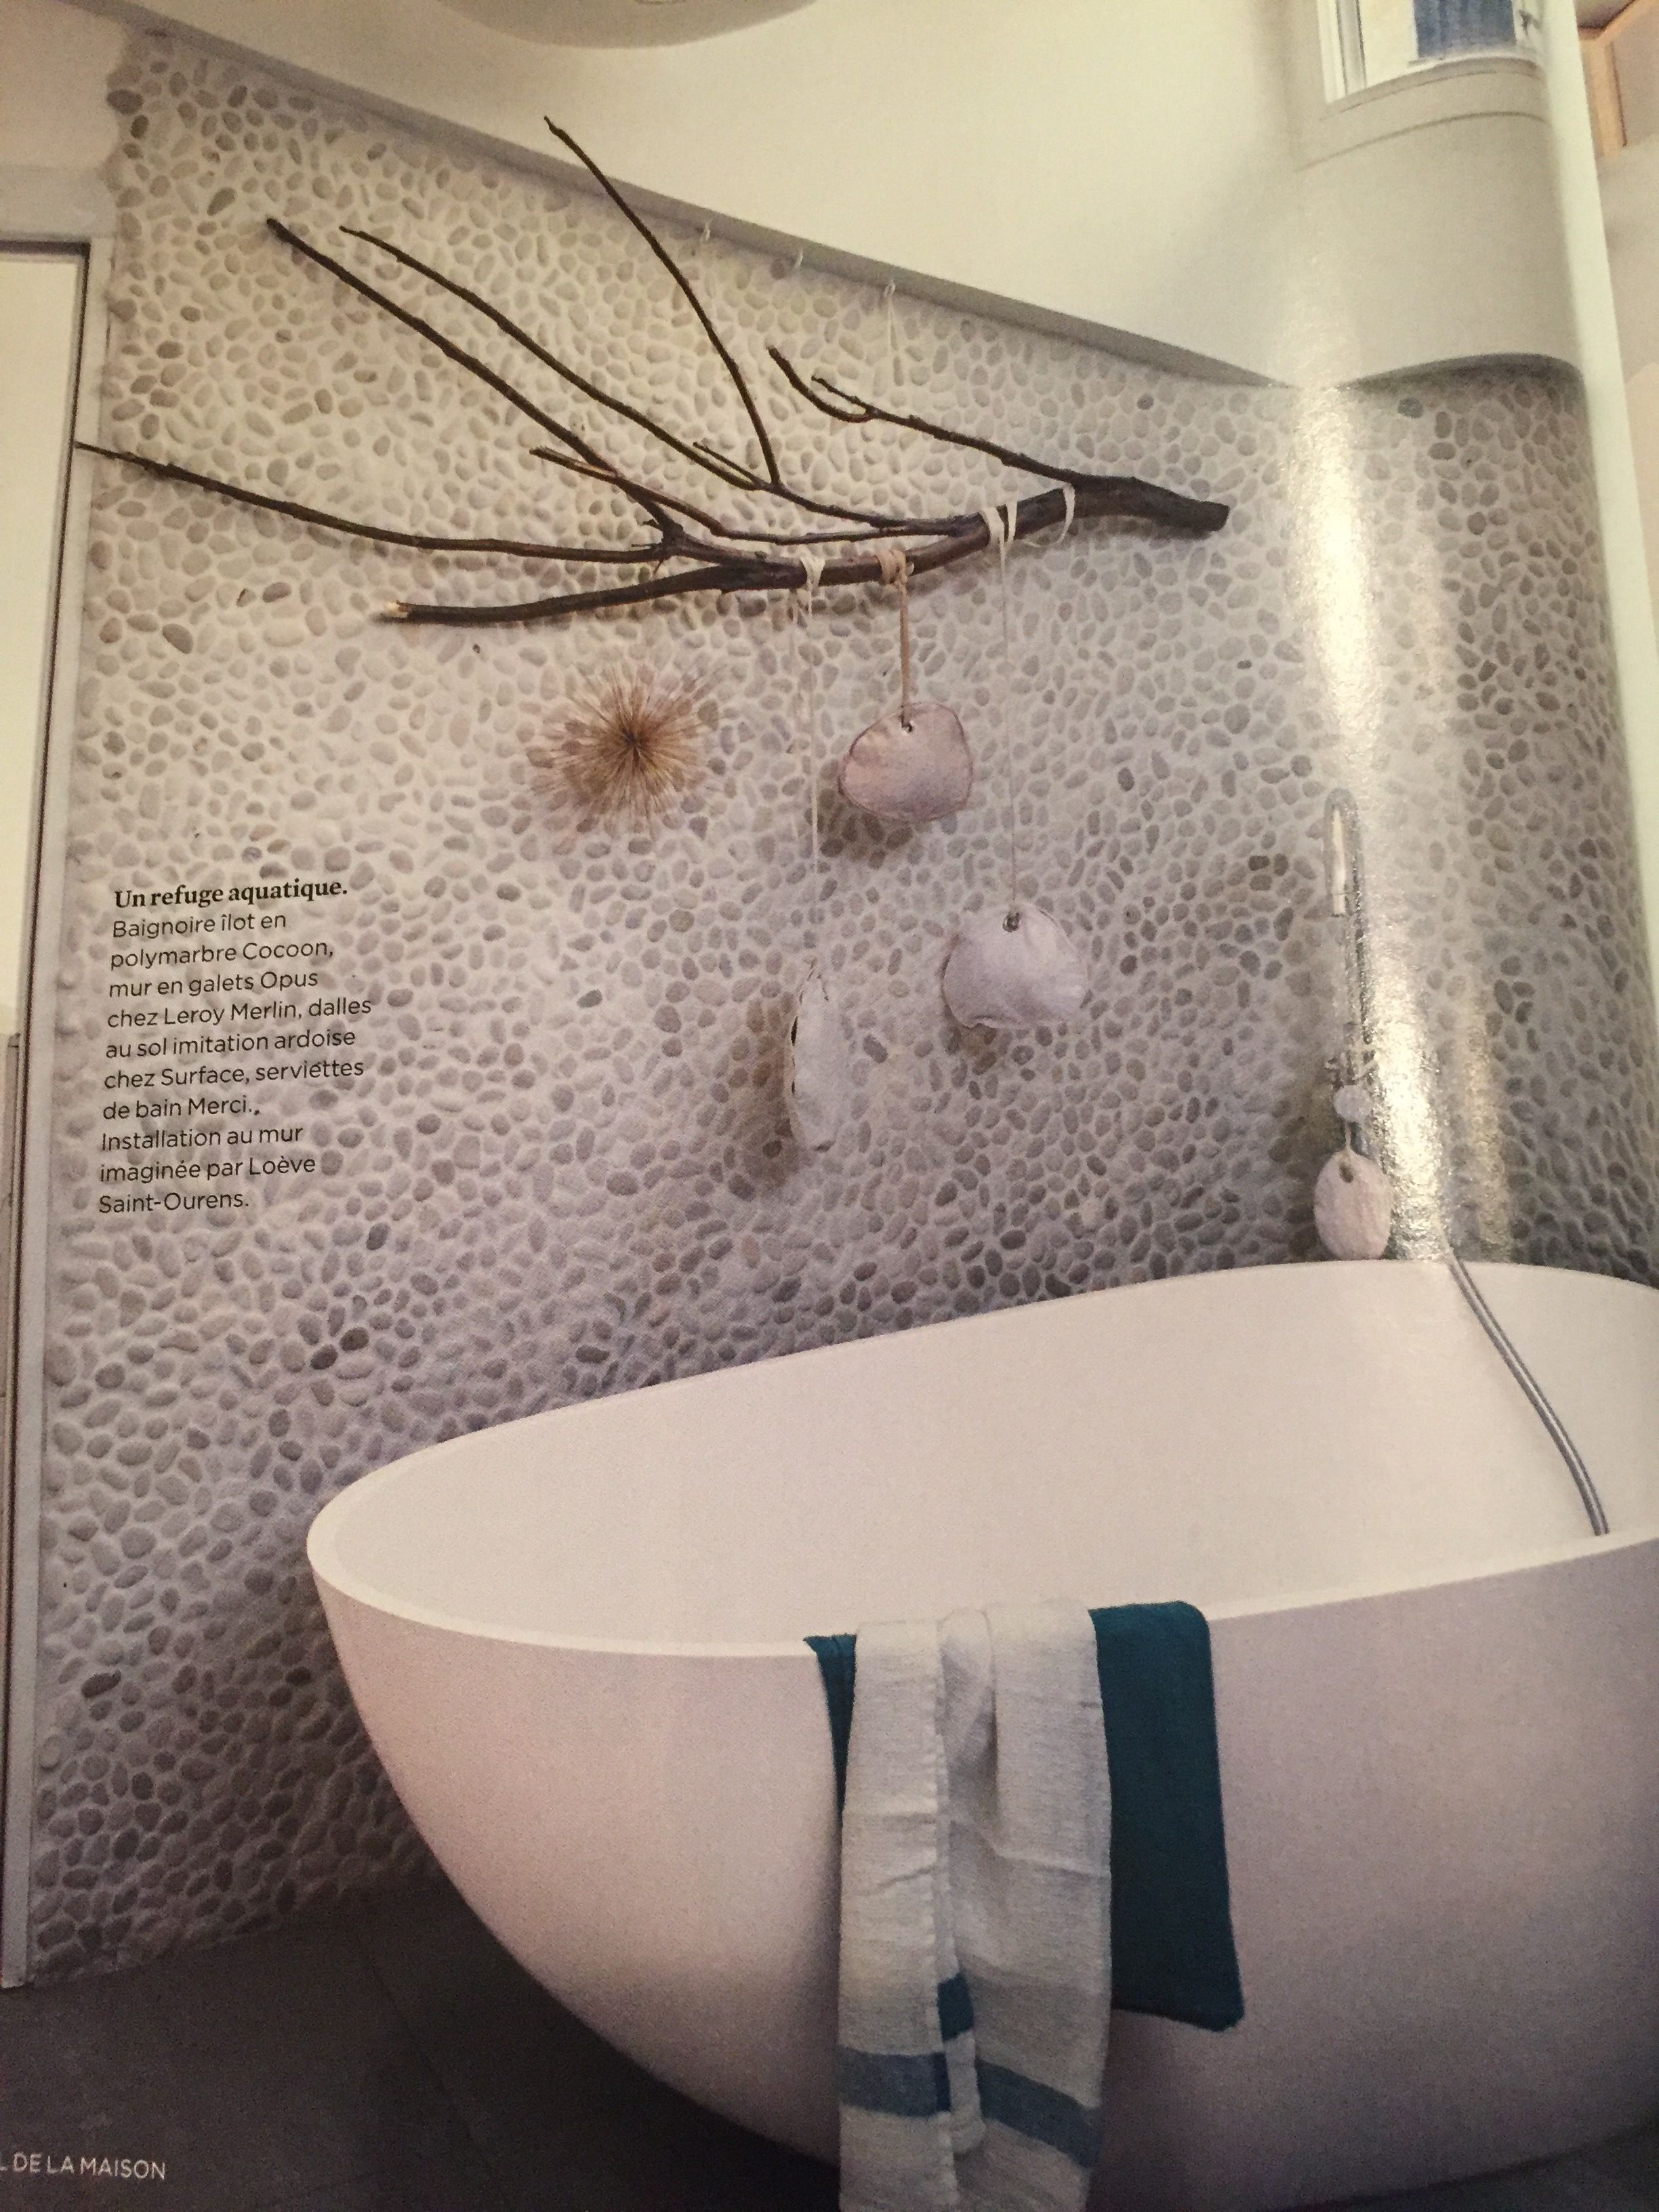 Pingl Par Mary Russman Sur Bathrooms Pinterest Salle De Bains